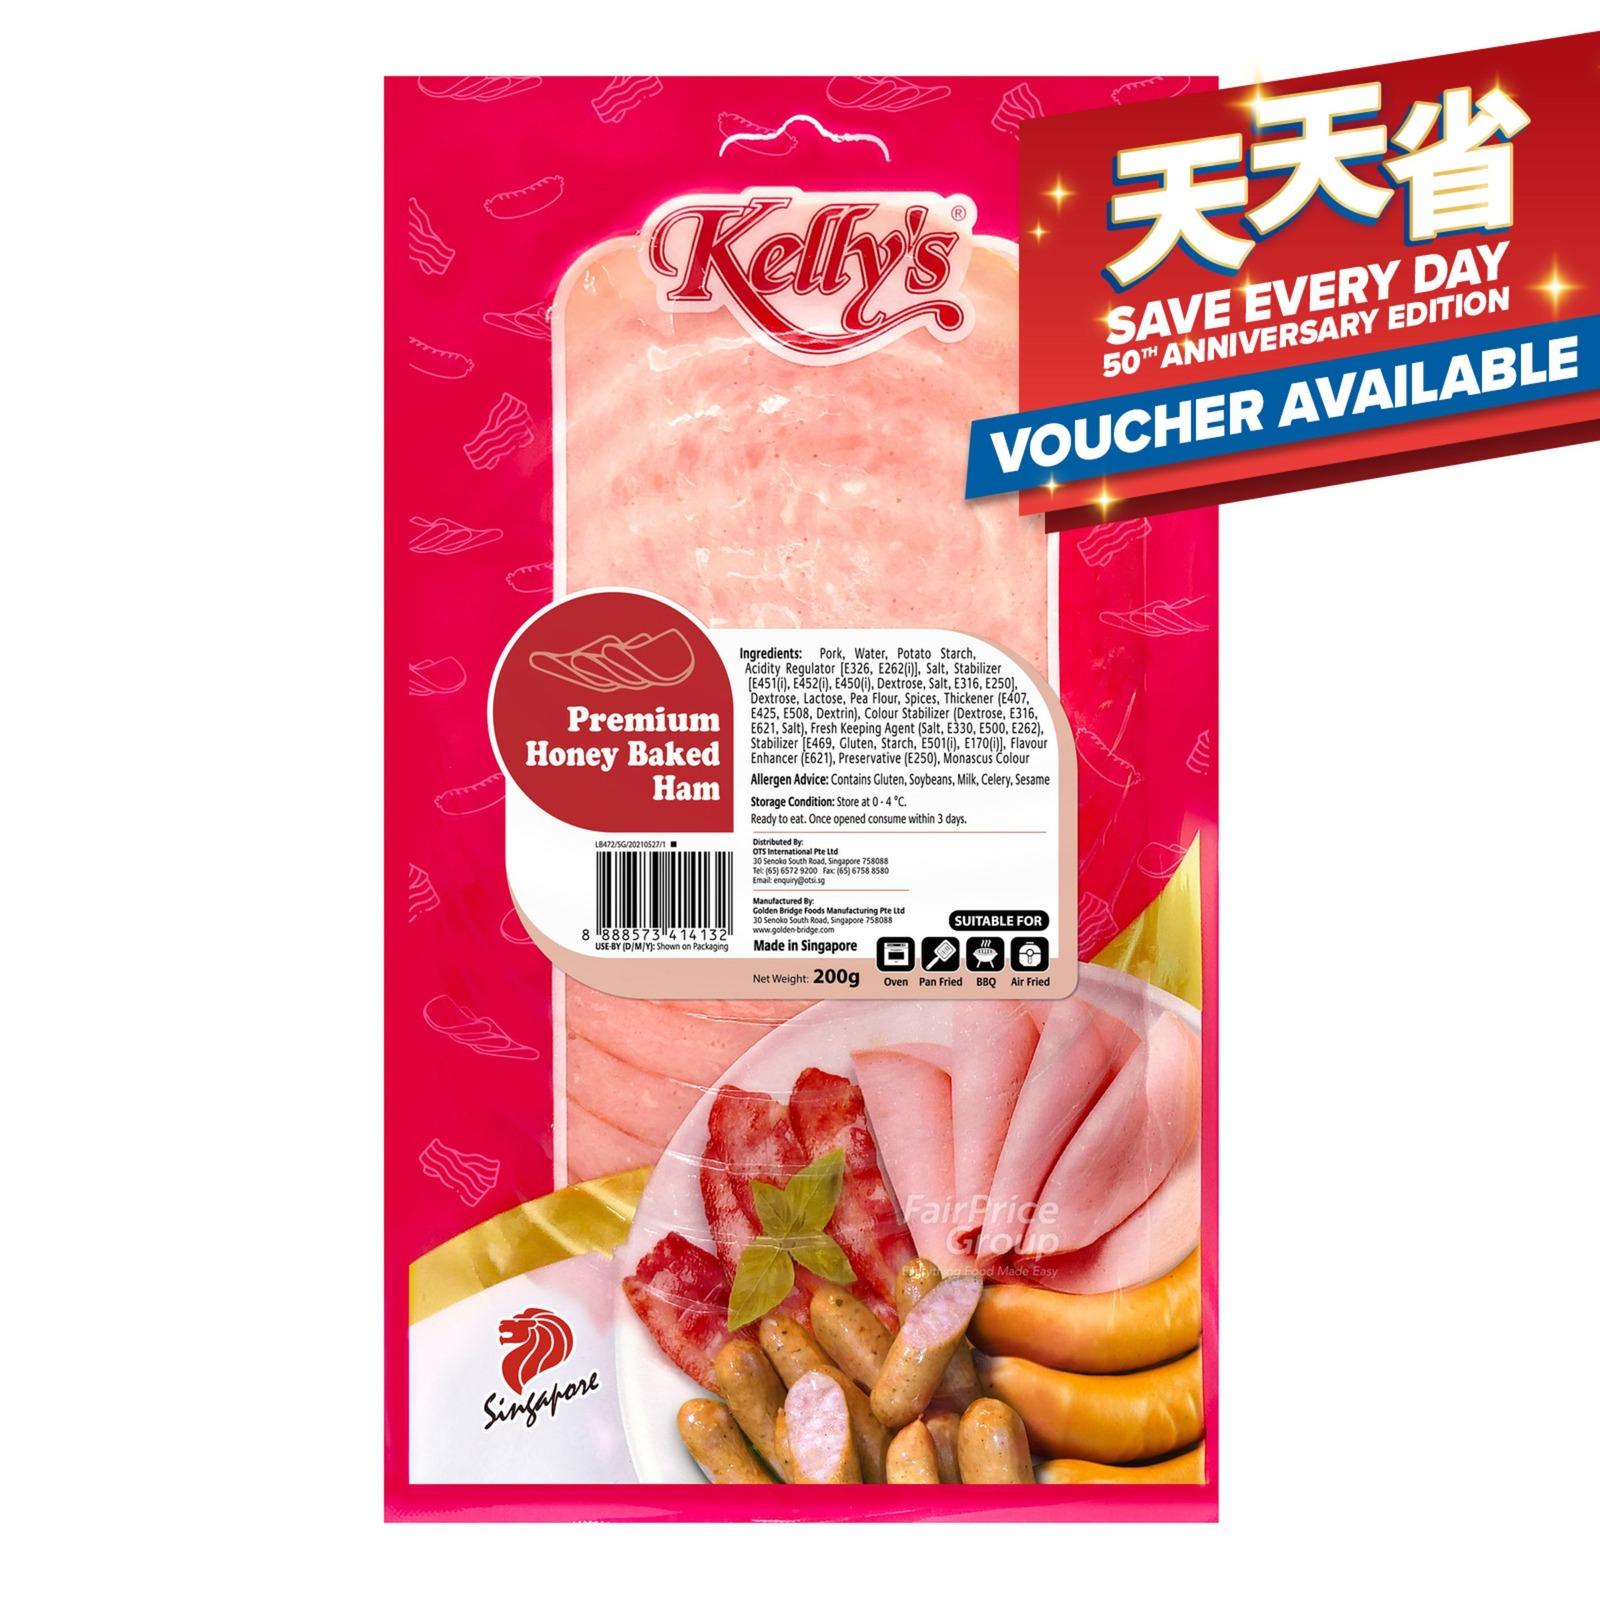 Kelly's Sliced Ham - Premium Honey Baked